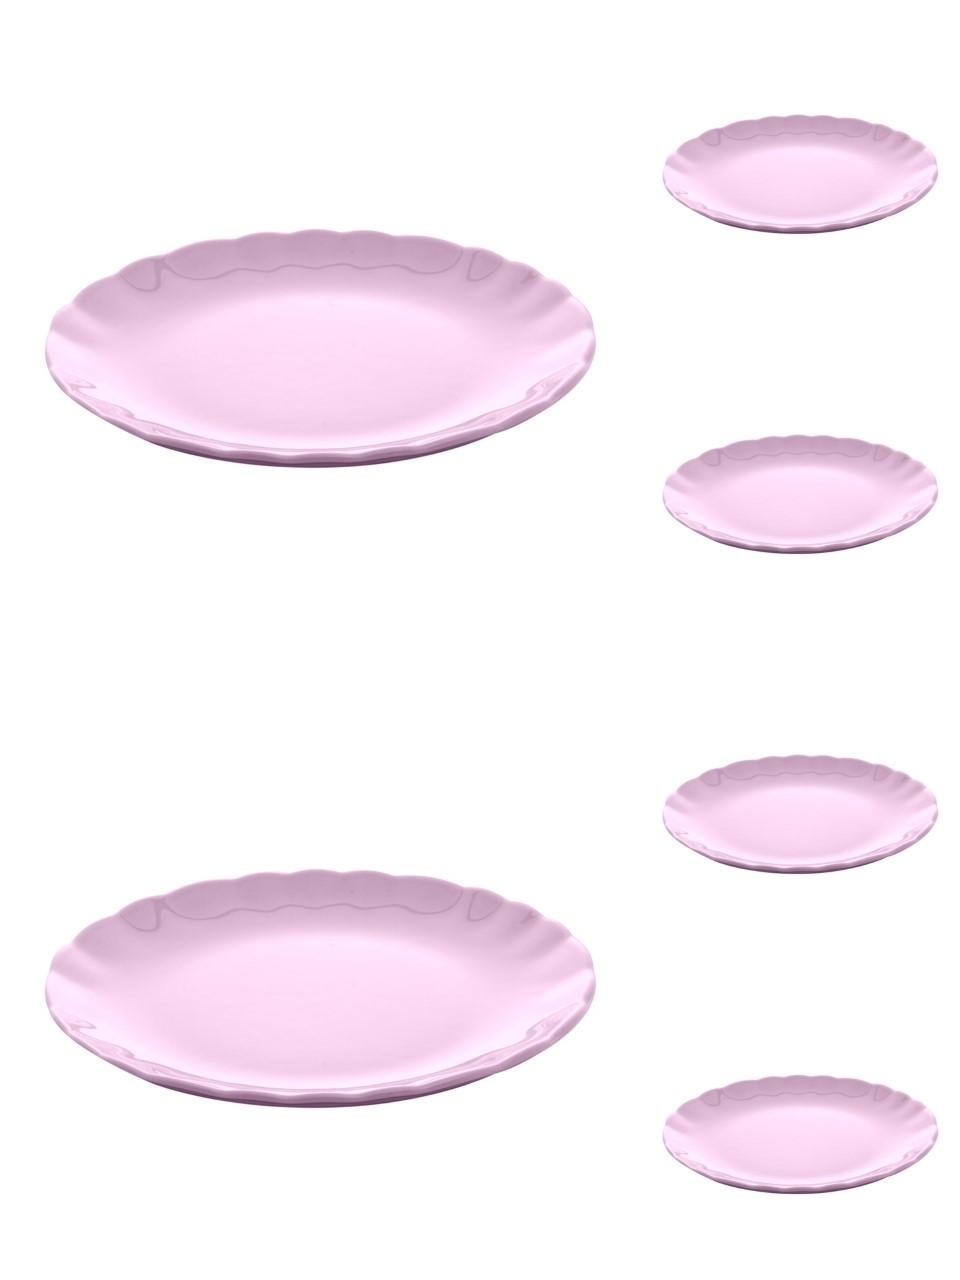 Jogo 6 pratos 19 cm para sobremesa de cerâmica Bergama Plum Wolff - 17530